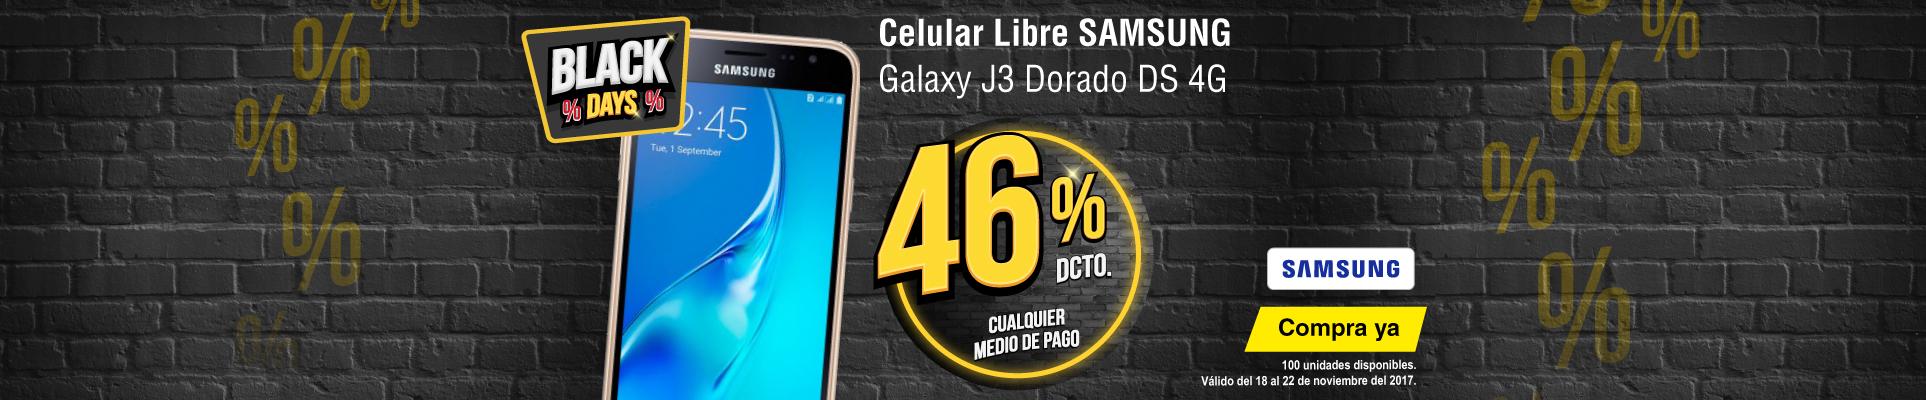 CAT ALKP-4-celulares-Celular Libre SAMSUNG Galaxy J3-prod-noviembre 22